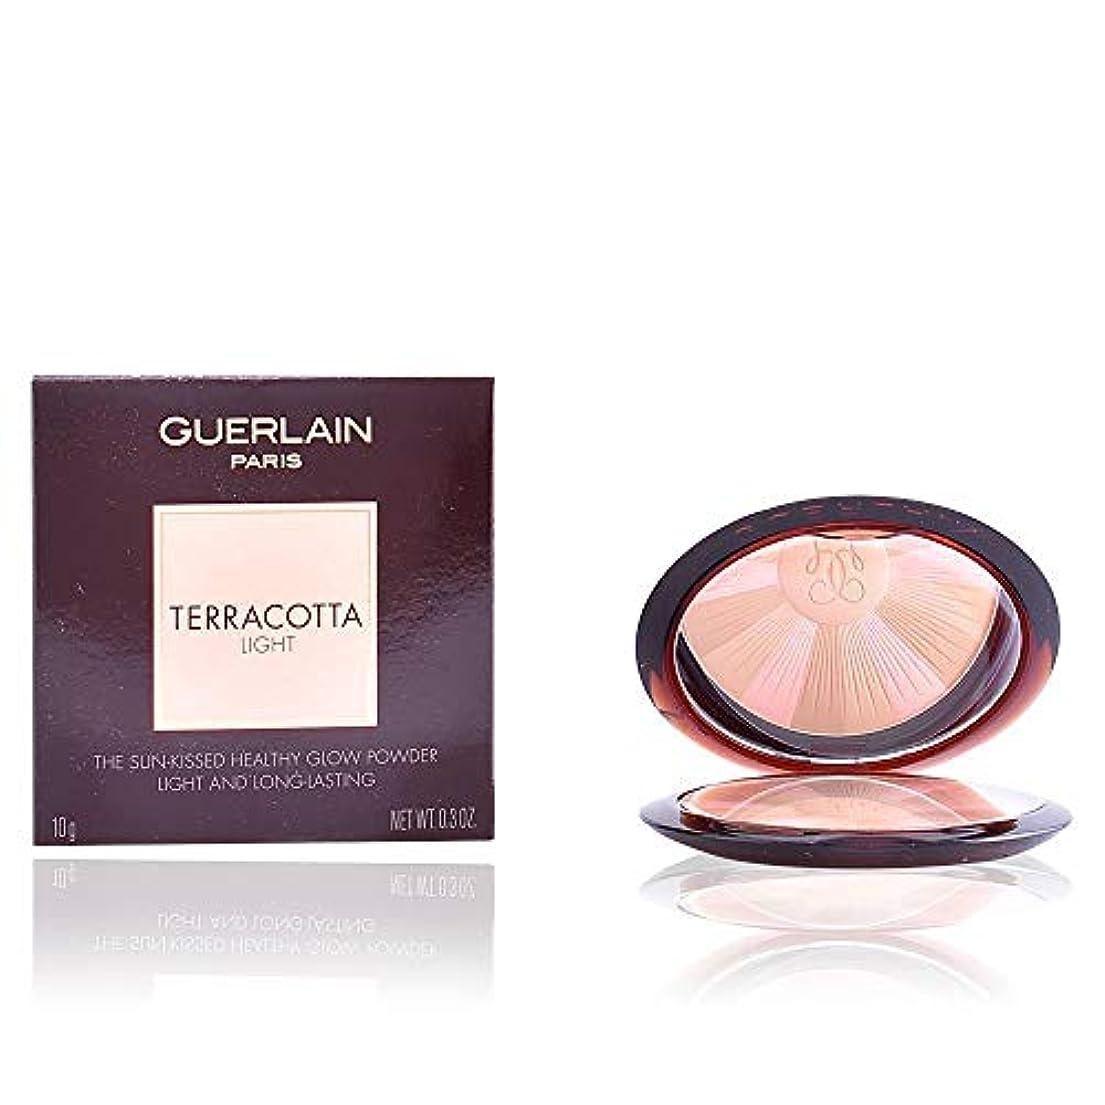 笑そっと最も早いゲラン Terracotta Light The Sun Kissed Healthy Glow Powder - # 02 Natural Cool 10g/0.3oz並行輸入品